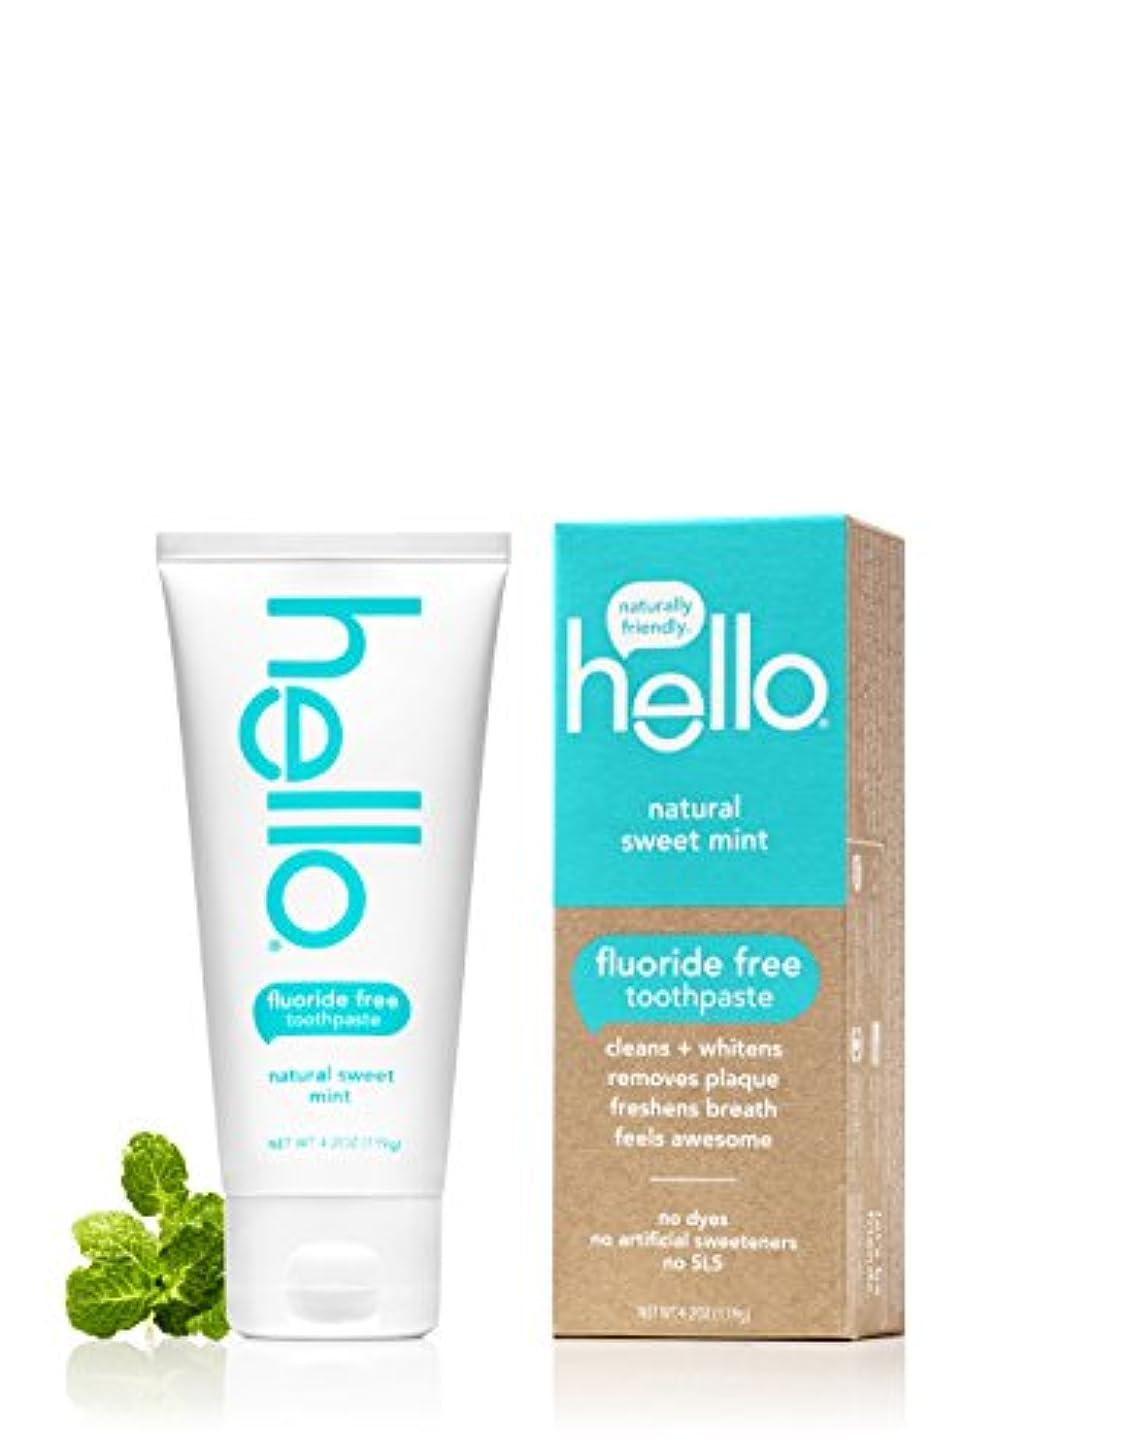 約束する広げるセミナーHello Oral Care フッ化物無料の歯磨き粉、ナチュラルスウィートミント、4.2オンス